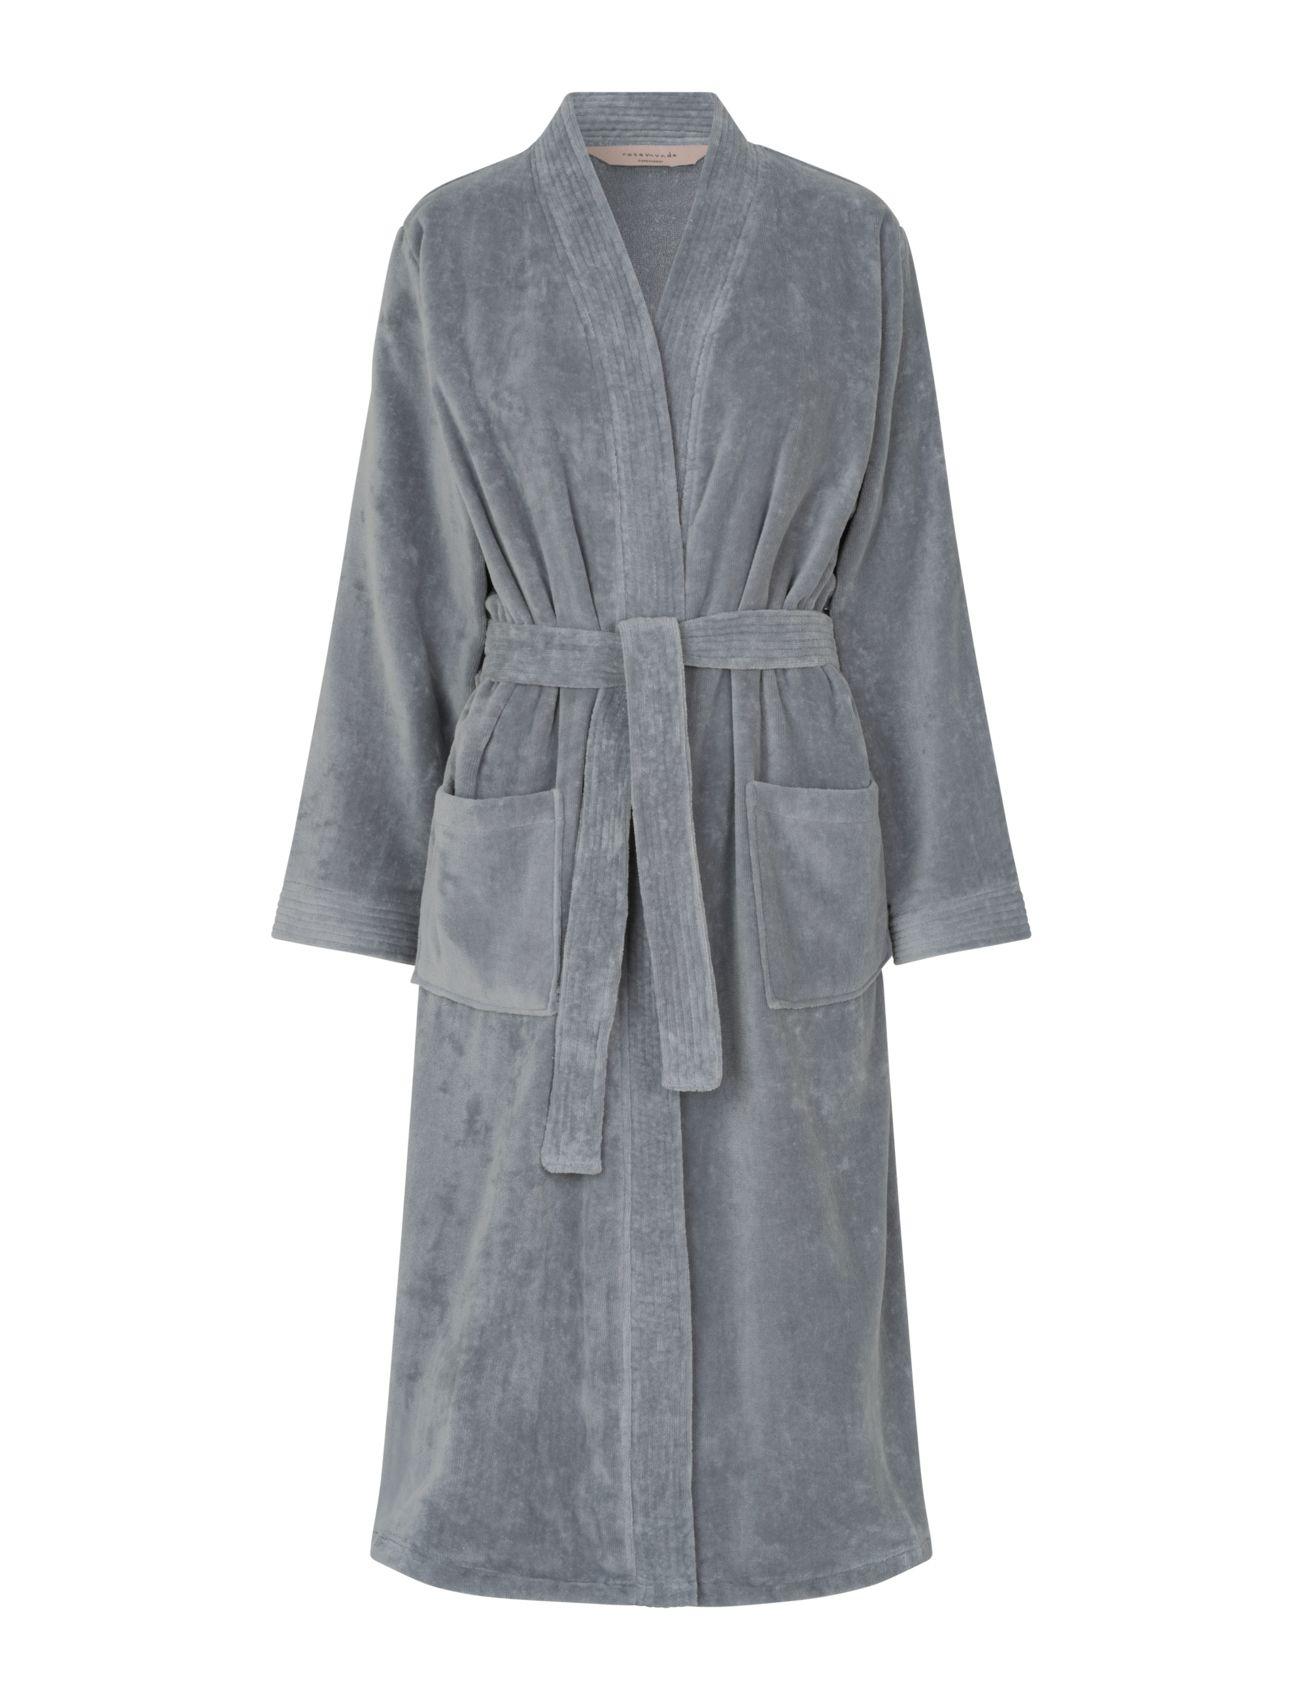 Rosemunde - robe - lingerie - charcoal grey - 0